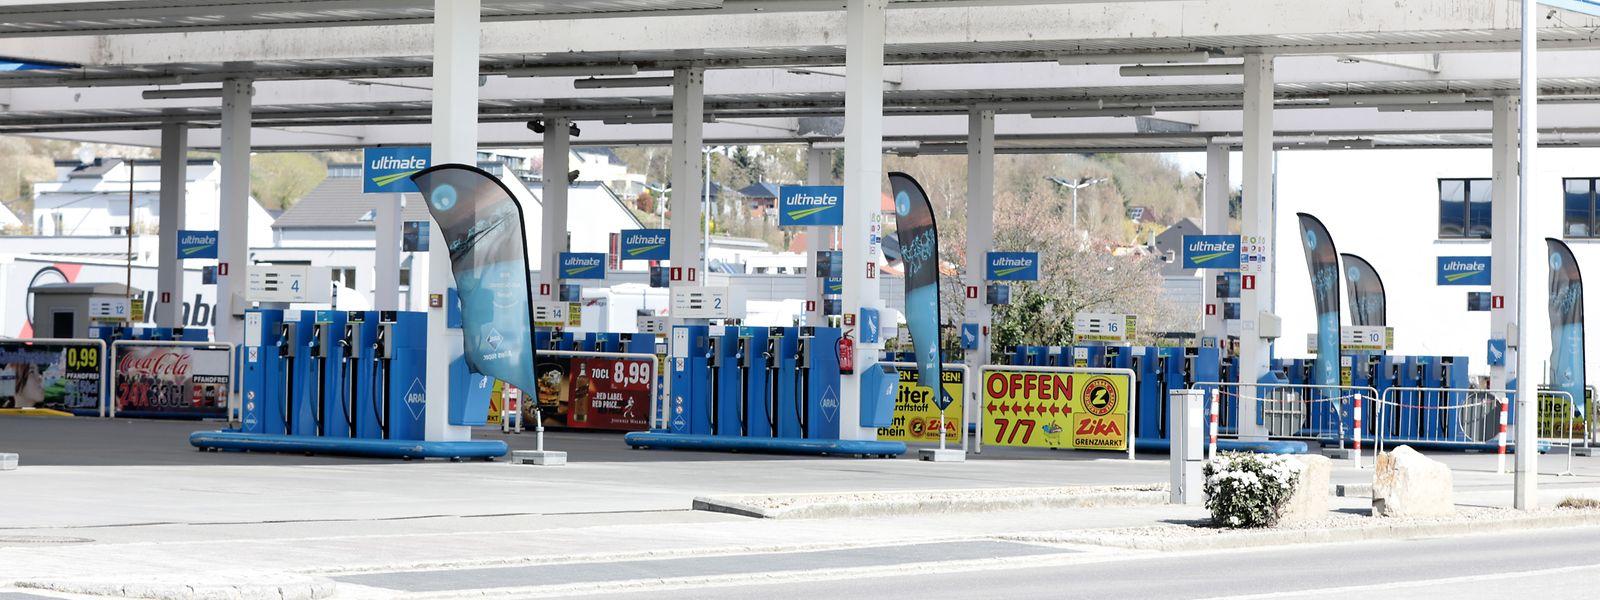 Falscher Eindruck: Auch wenn an den Zapfsäulen gähnende Leere herrscht, sind die Märkte der Tankstellen gut besucht.